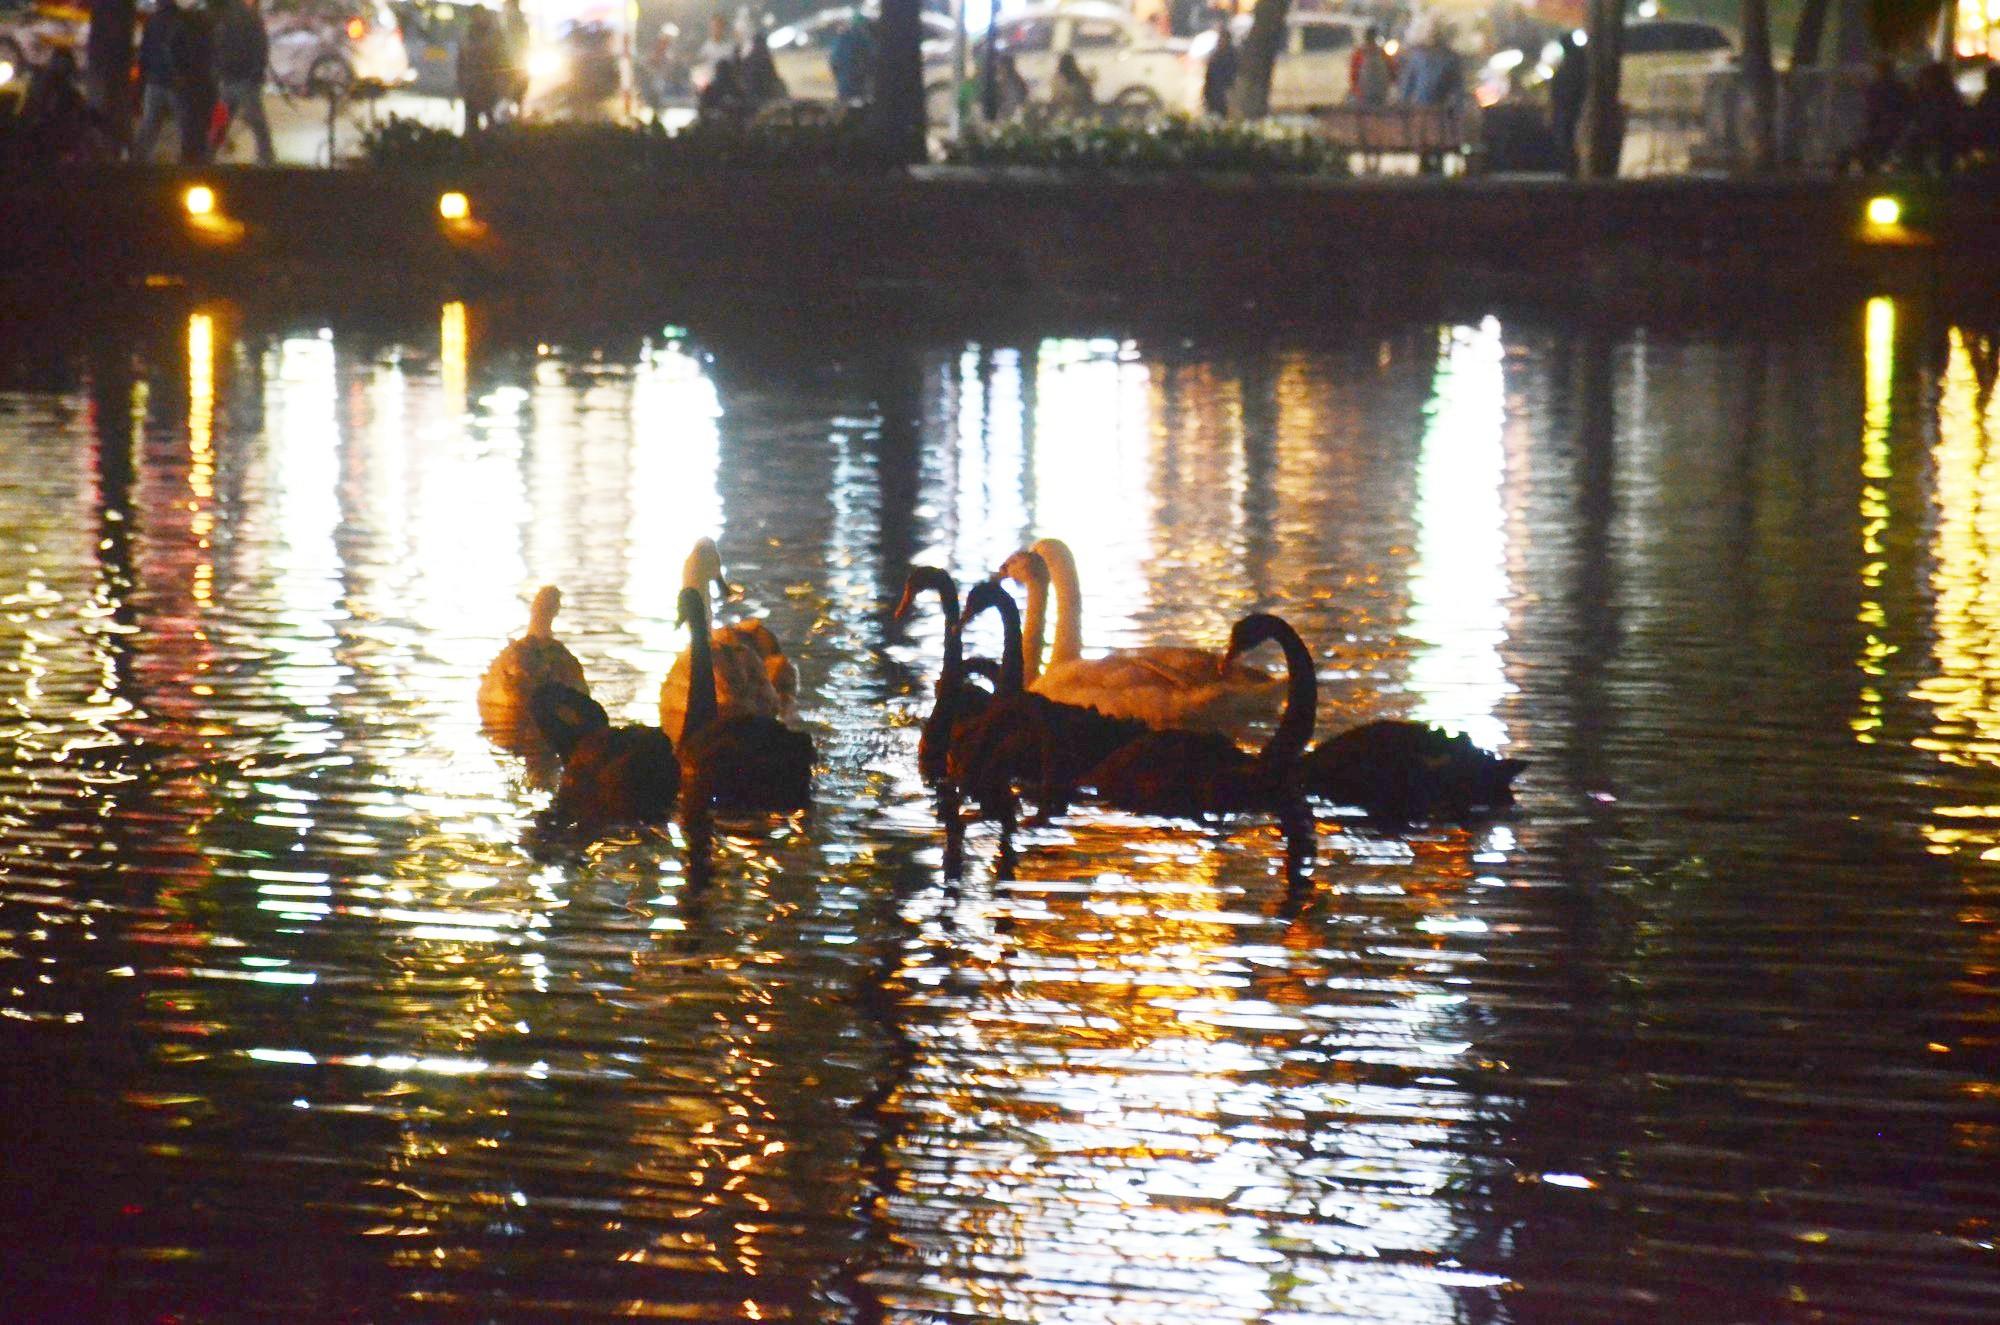 Việc thả thiên nga ở Hồ Gươm: Người thích thú đồng tình, người lại cho rằng chưa hợp lý - Ảnh 2.